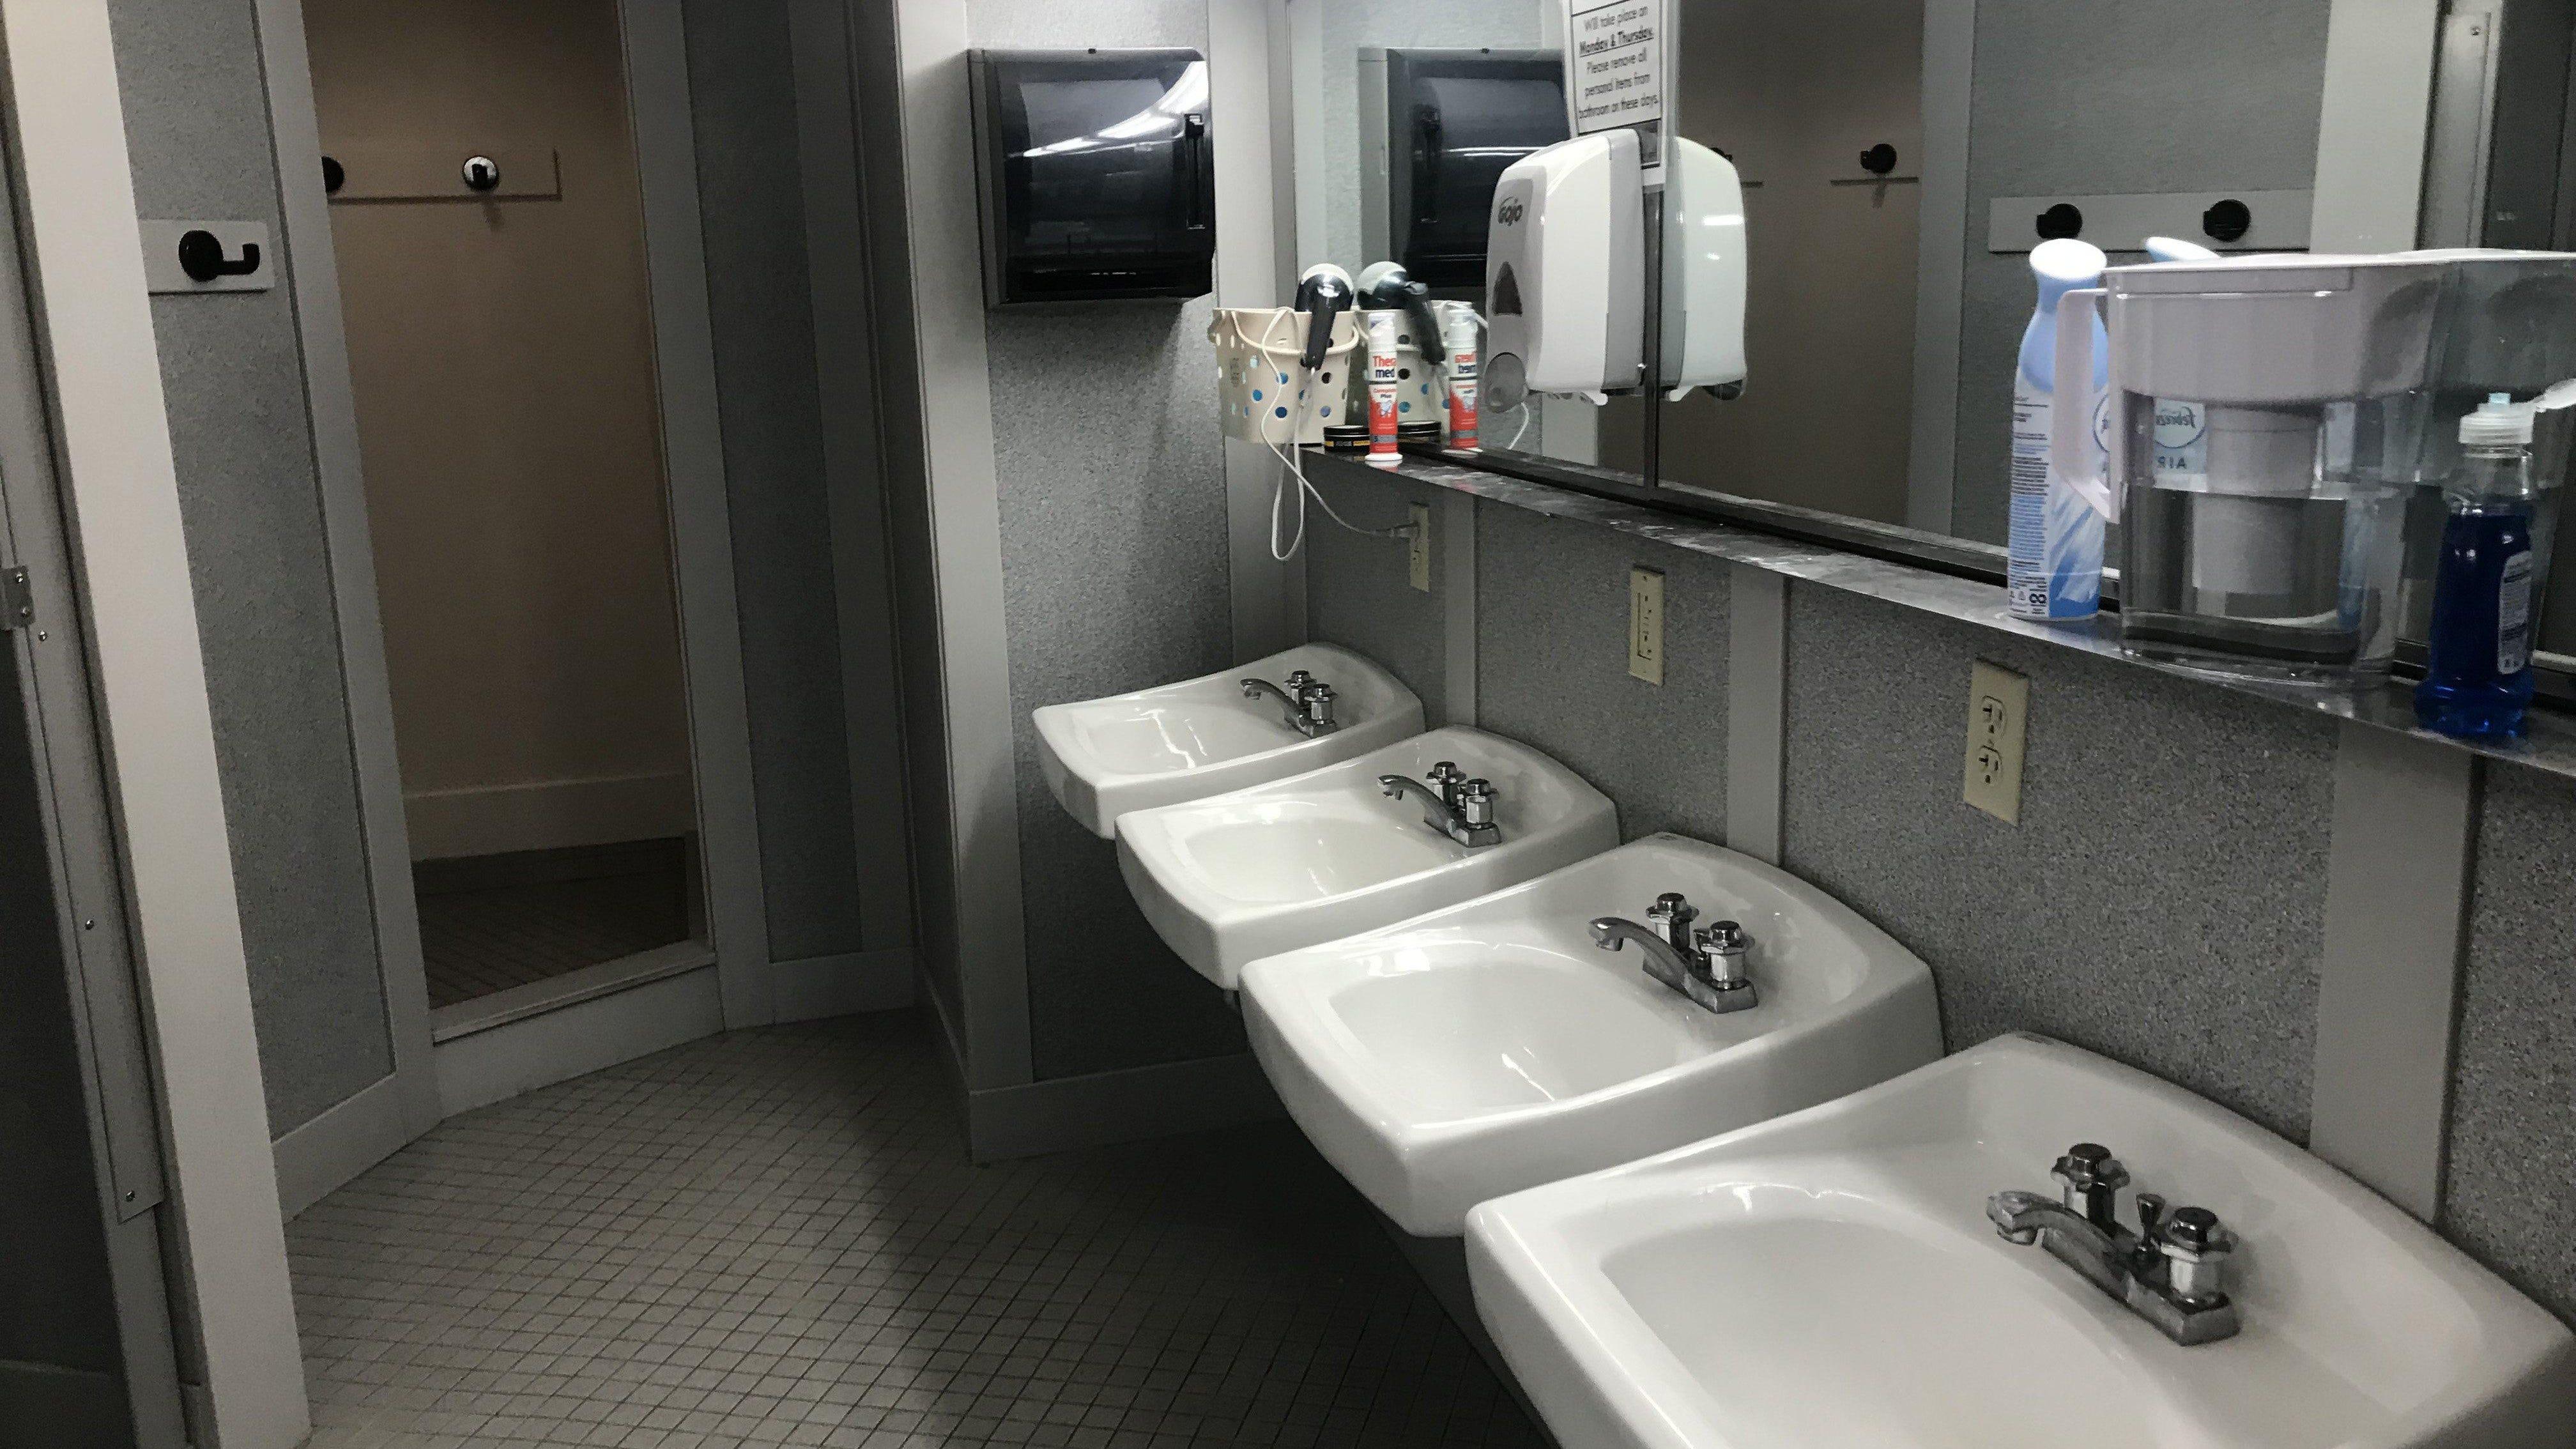 Ohio State Makes Covid Testing, Ohio State Bathroom